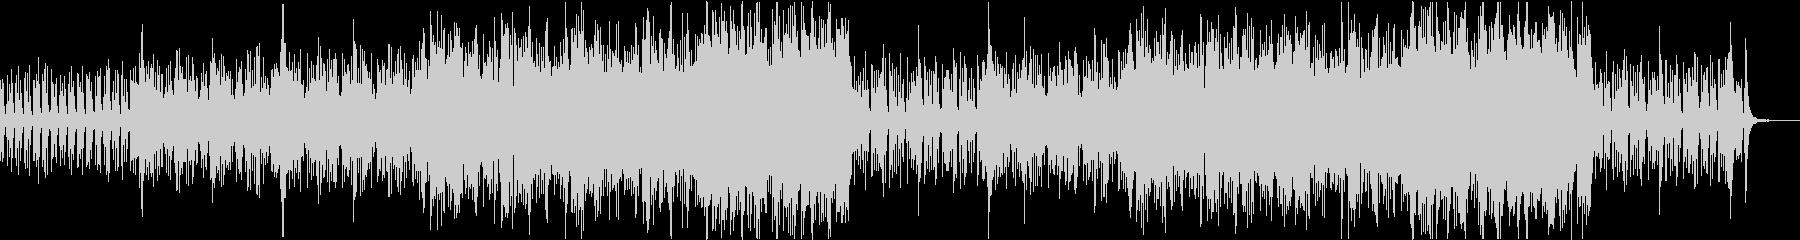 クラリネット&フルートのオーケストラの未再生の波形